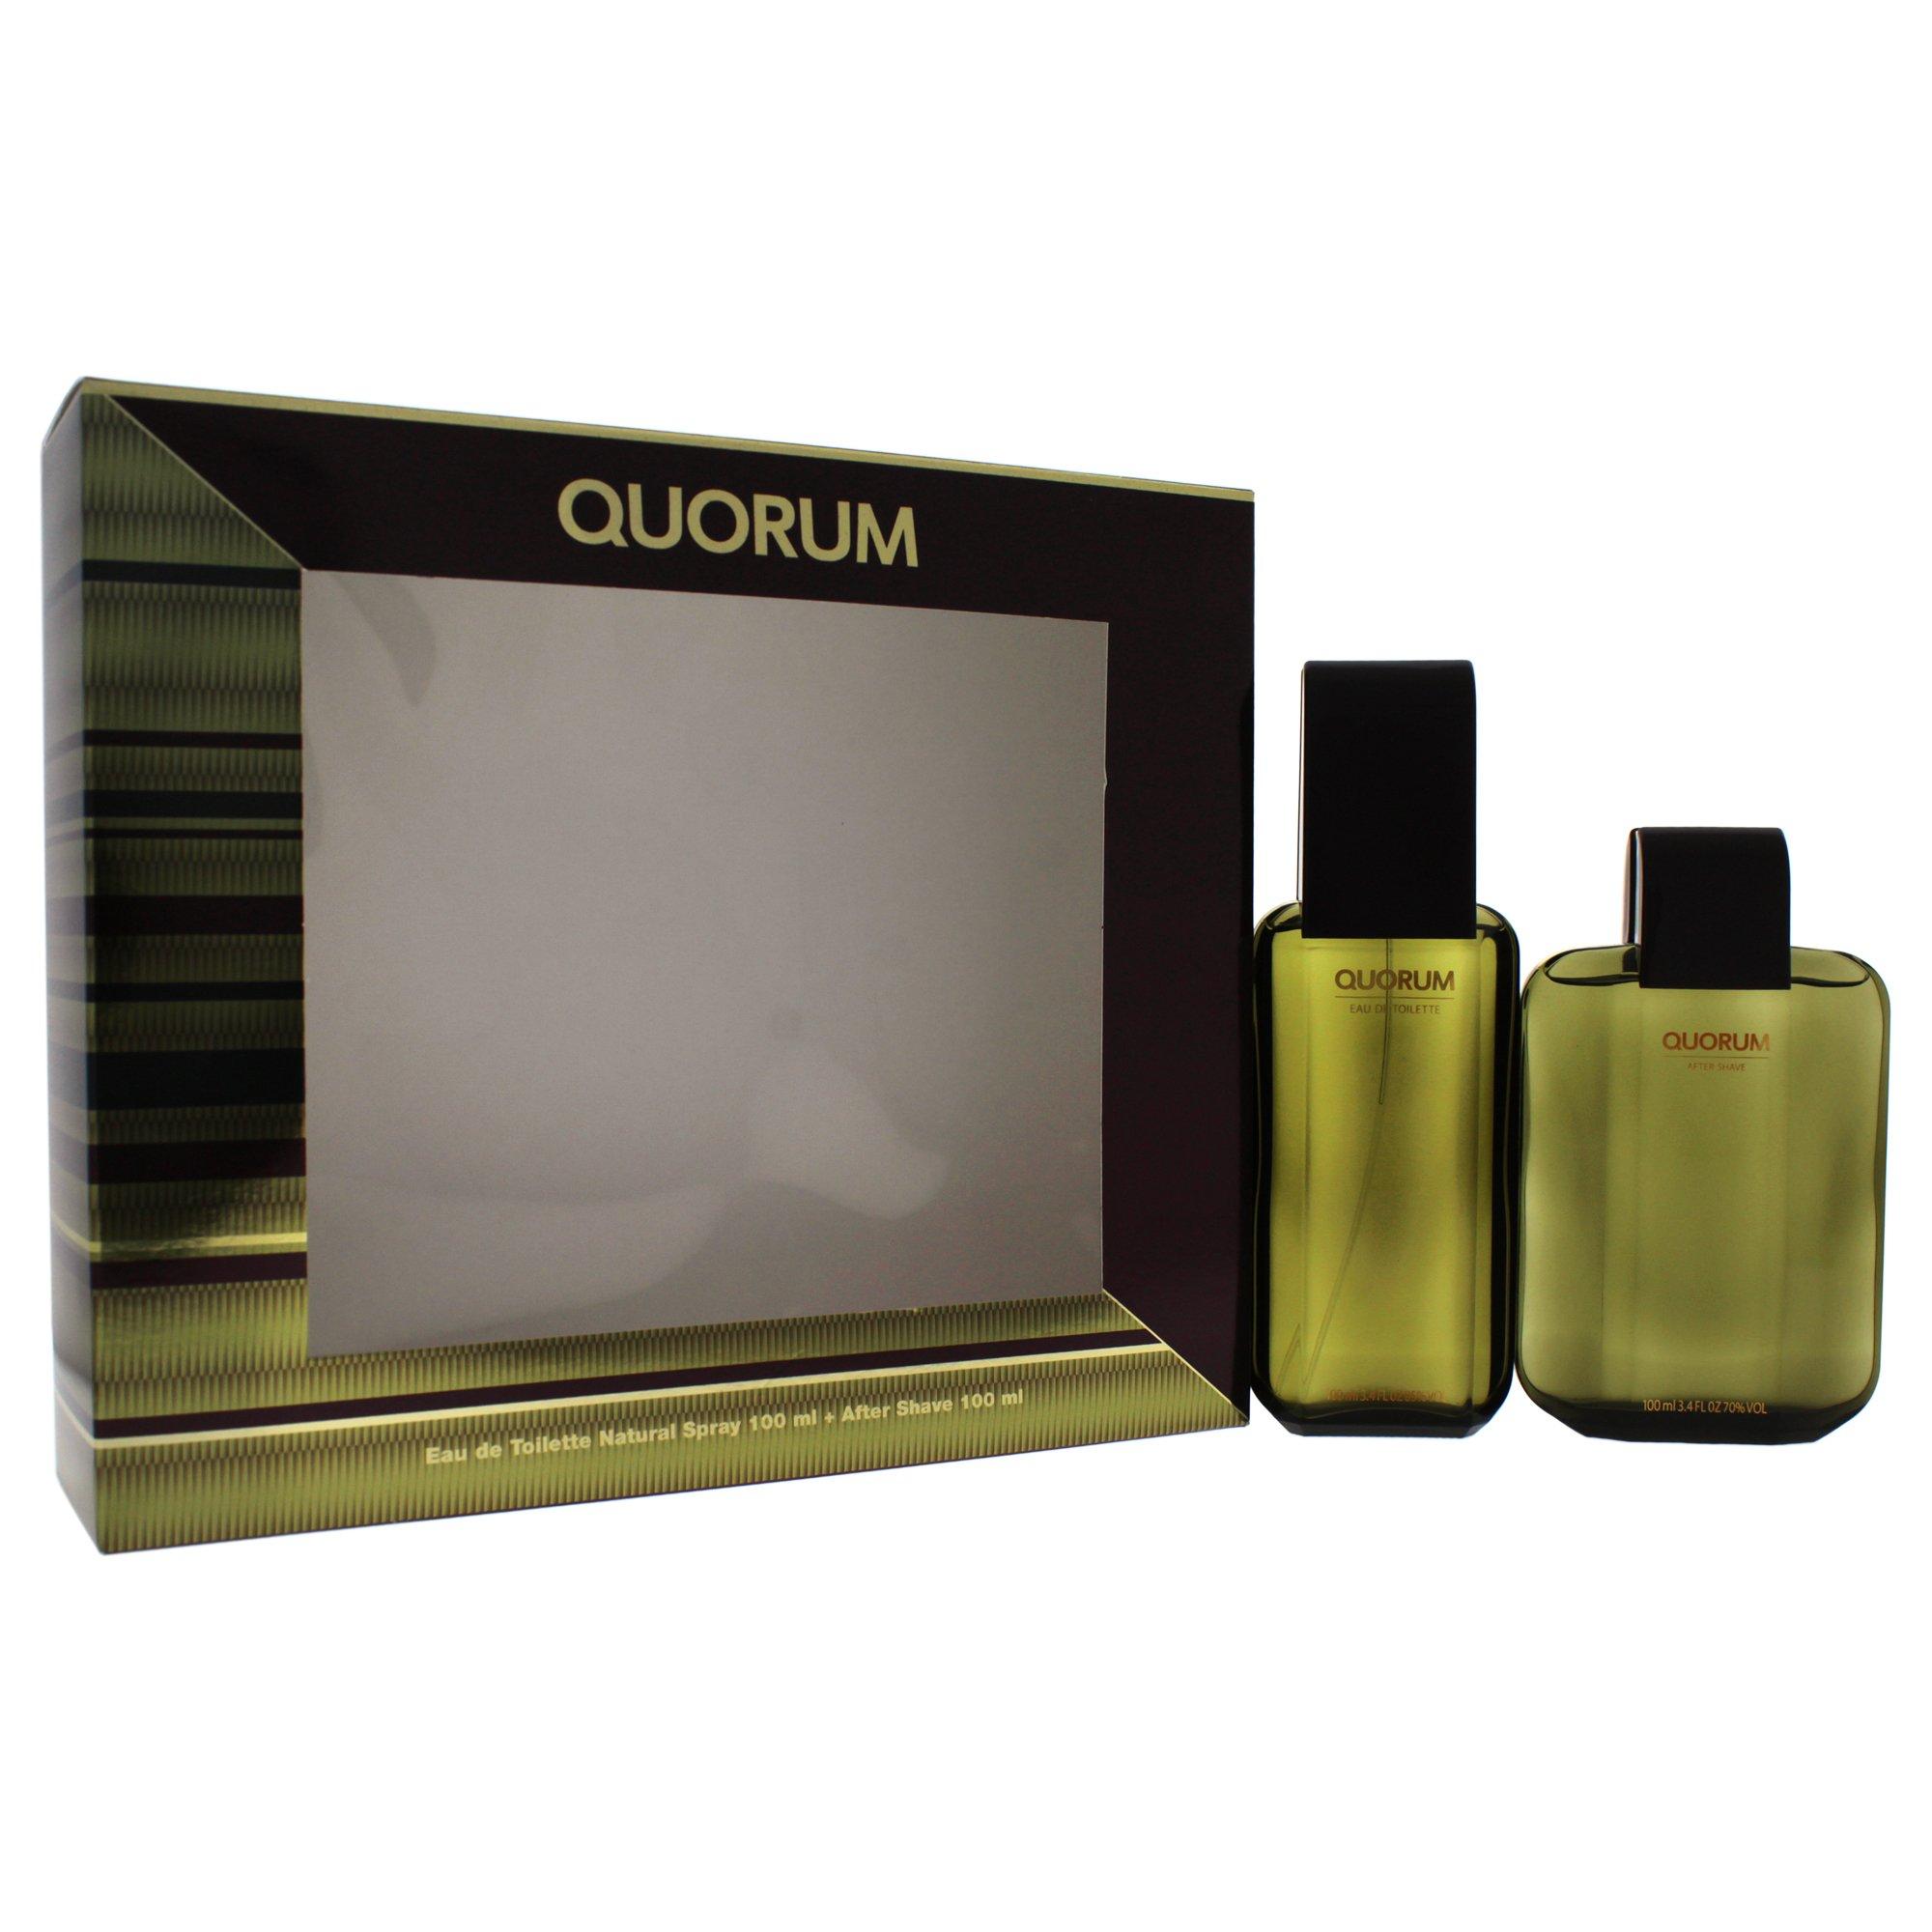 Antonio Puig Quorum Men Giftset (Eau De Toilette Spray, After Shave Lotion) by Antonio Puig